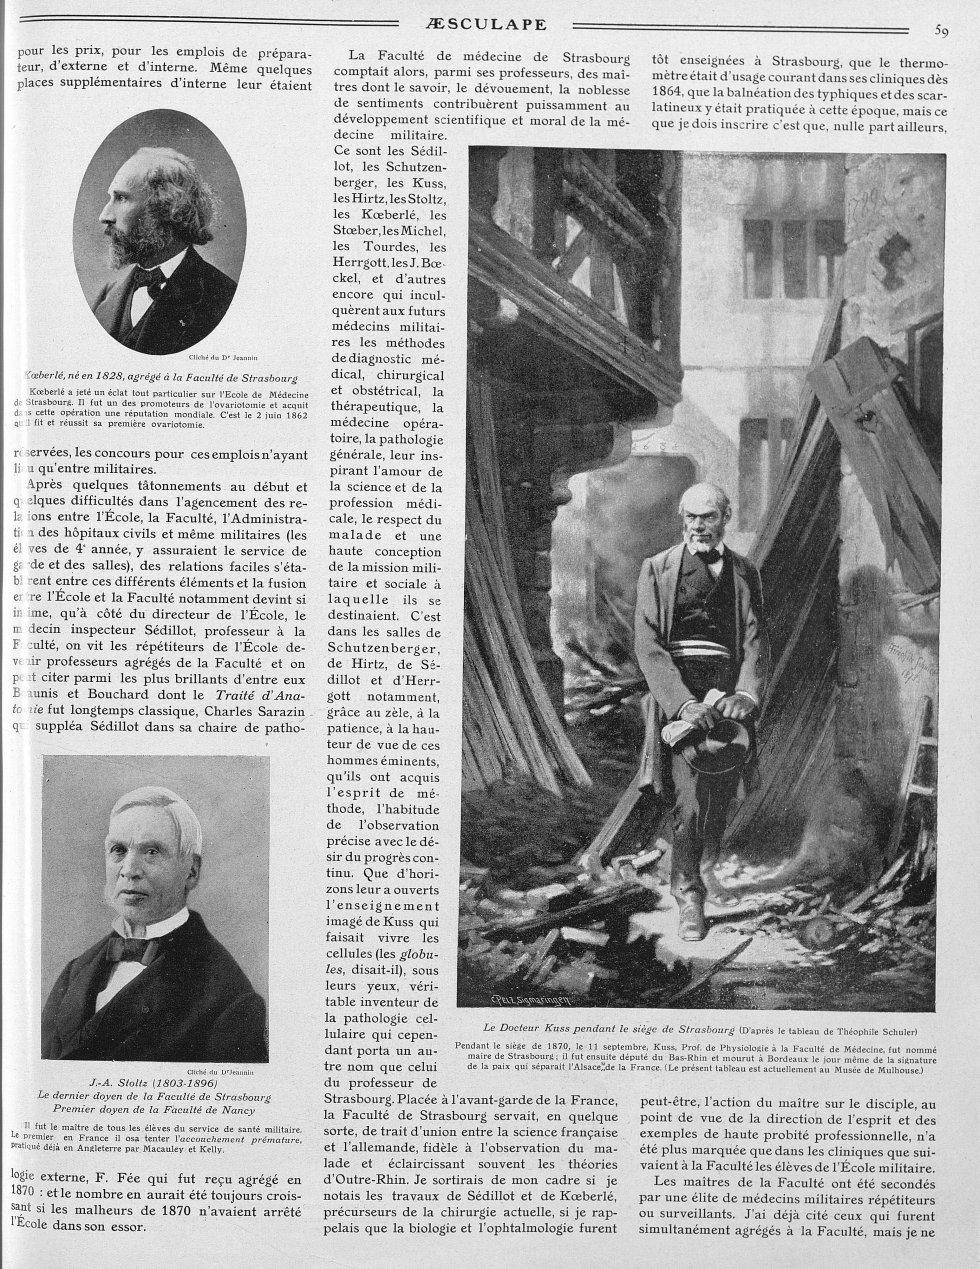 Koeberlé, en 1828, agrégé à la Faculté de Strasbourg / J. -A. Stoltz (1803-1896), Le dernier doyen d [...] -  - med111512x1913x0143